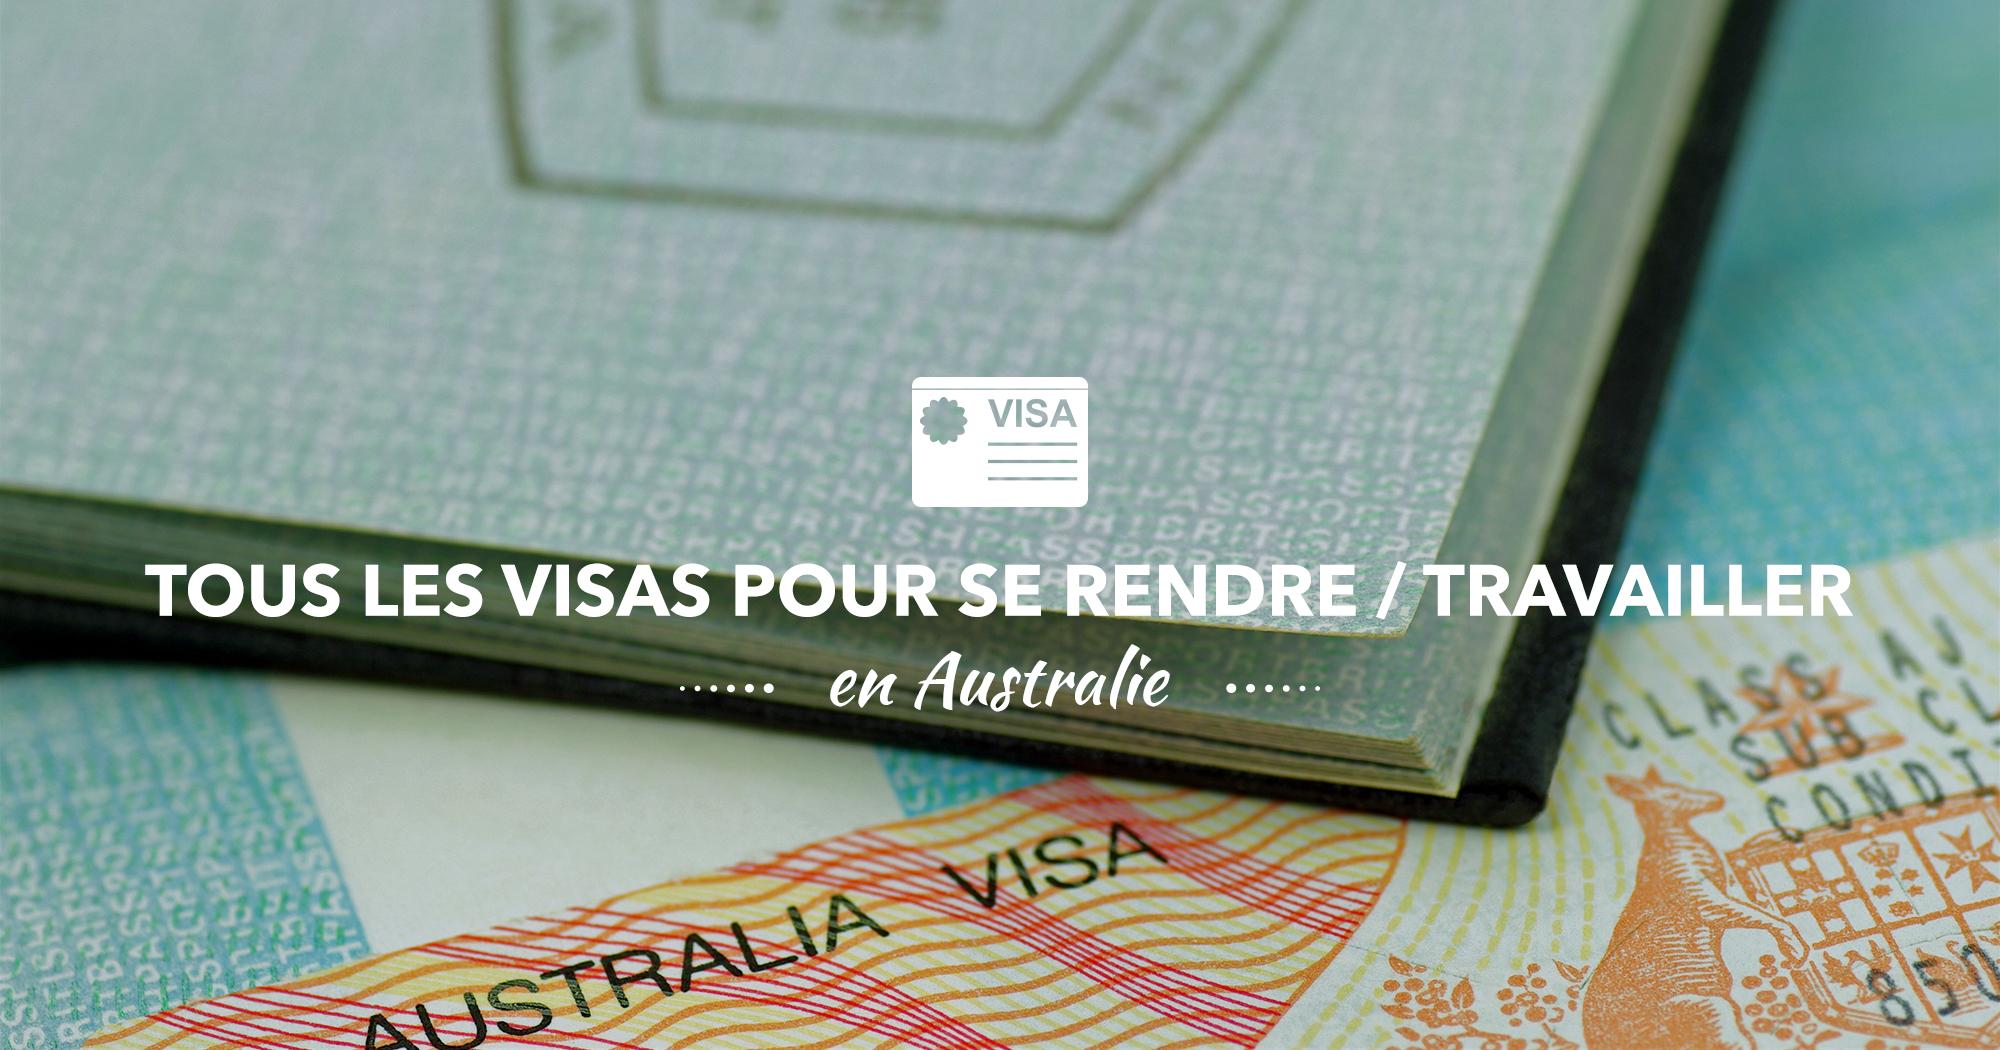 visuels-dossiers-whv-australie-tous-les-visas